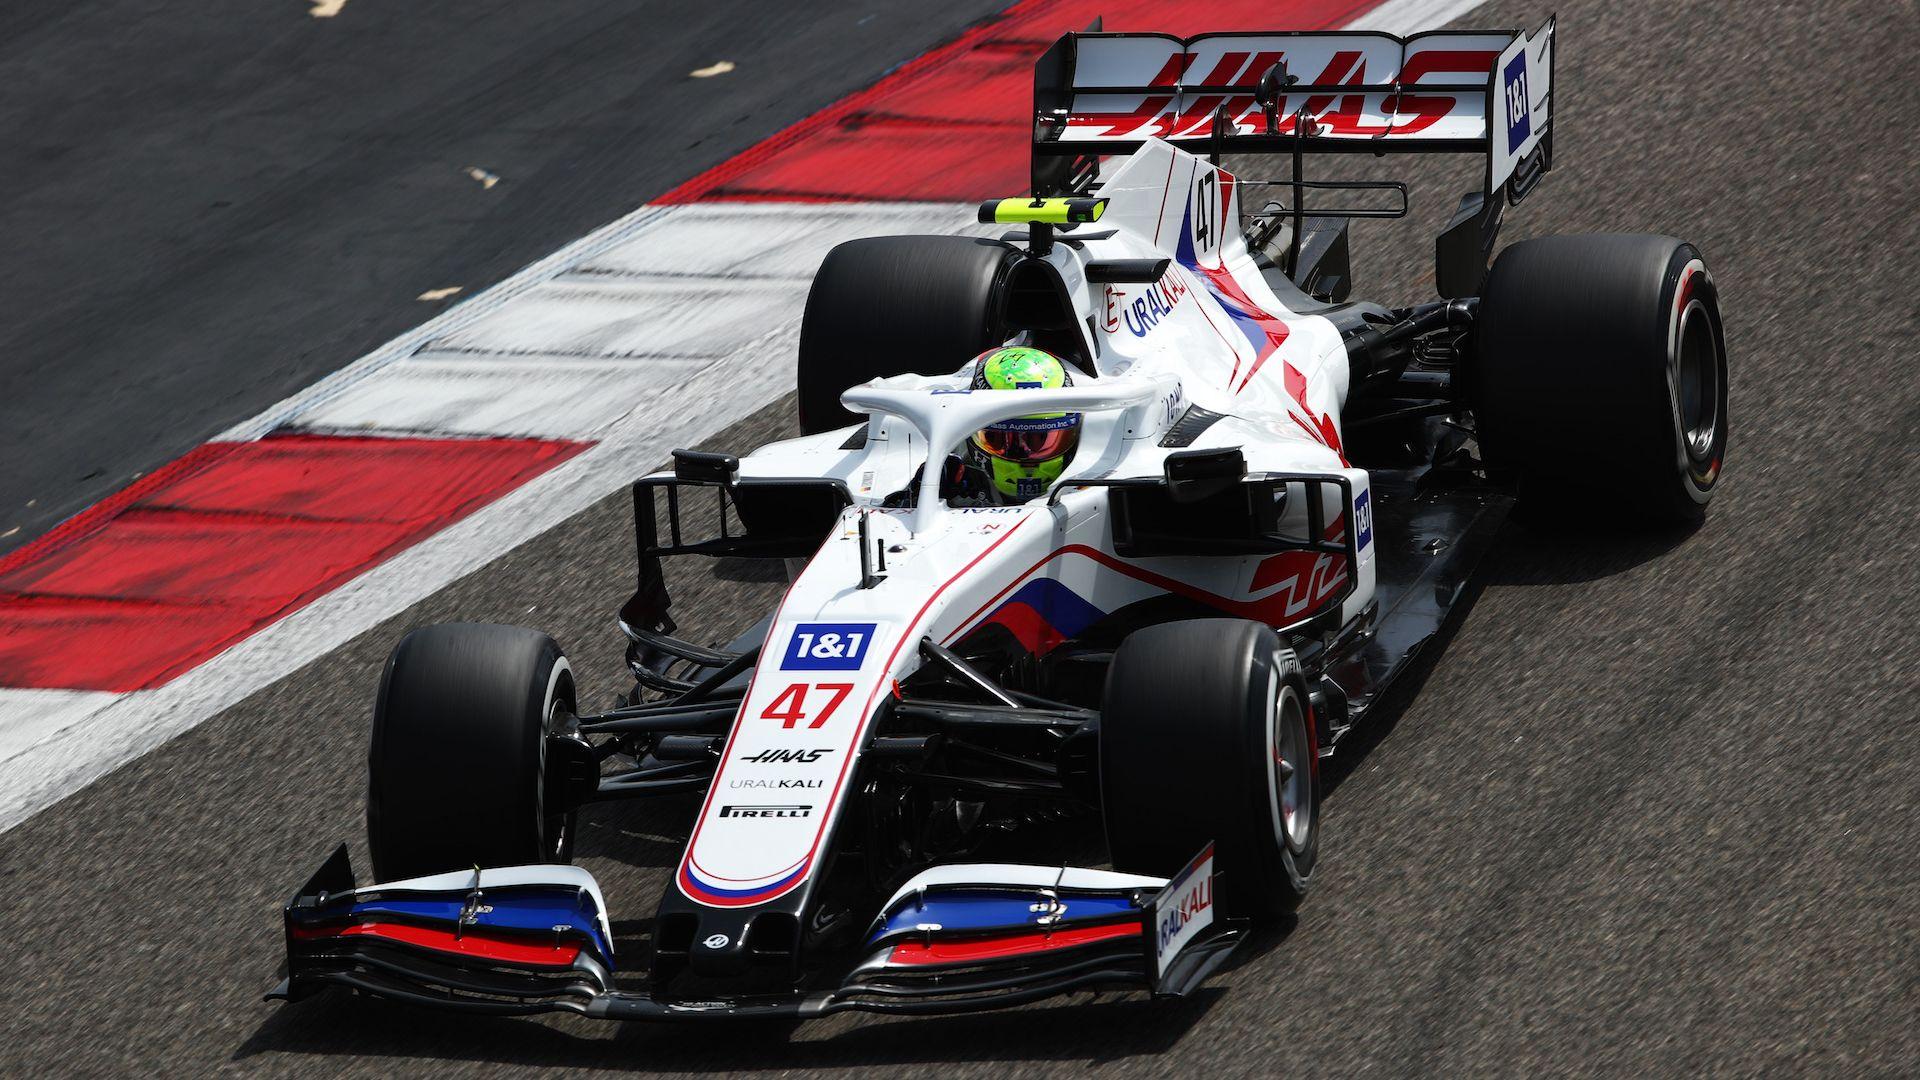 Мик Шумахер напомни за баща си още на тестовете във Формула 1